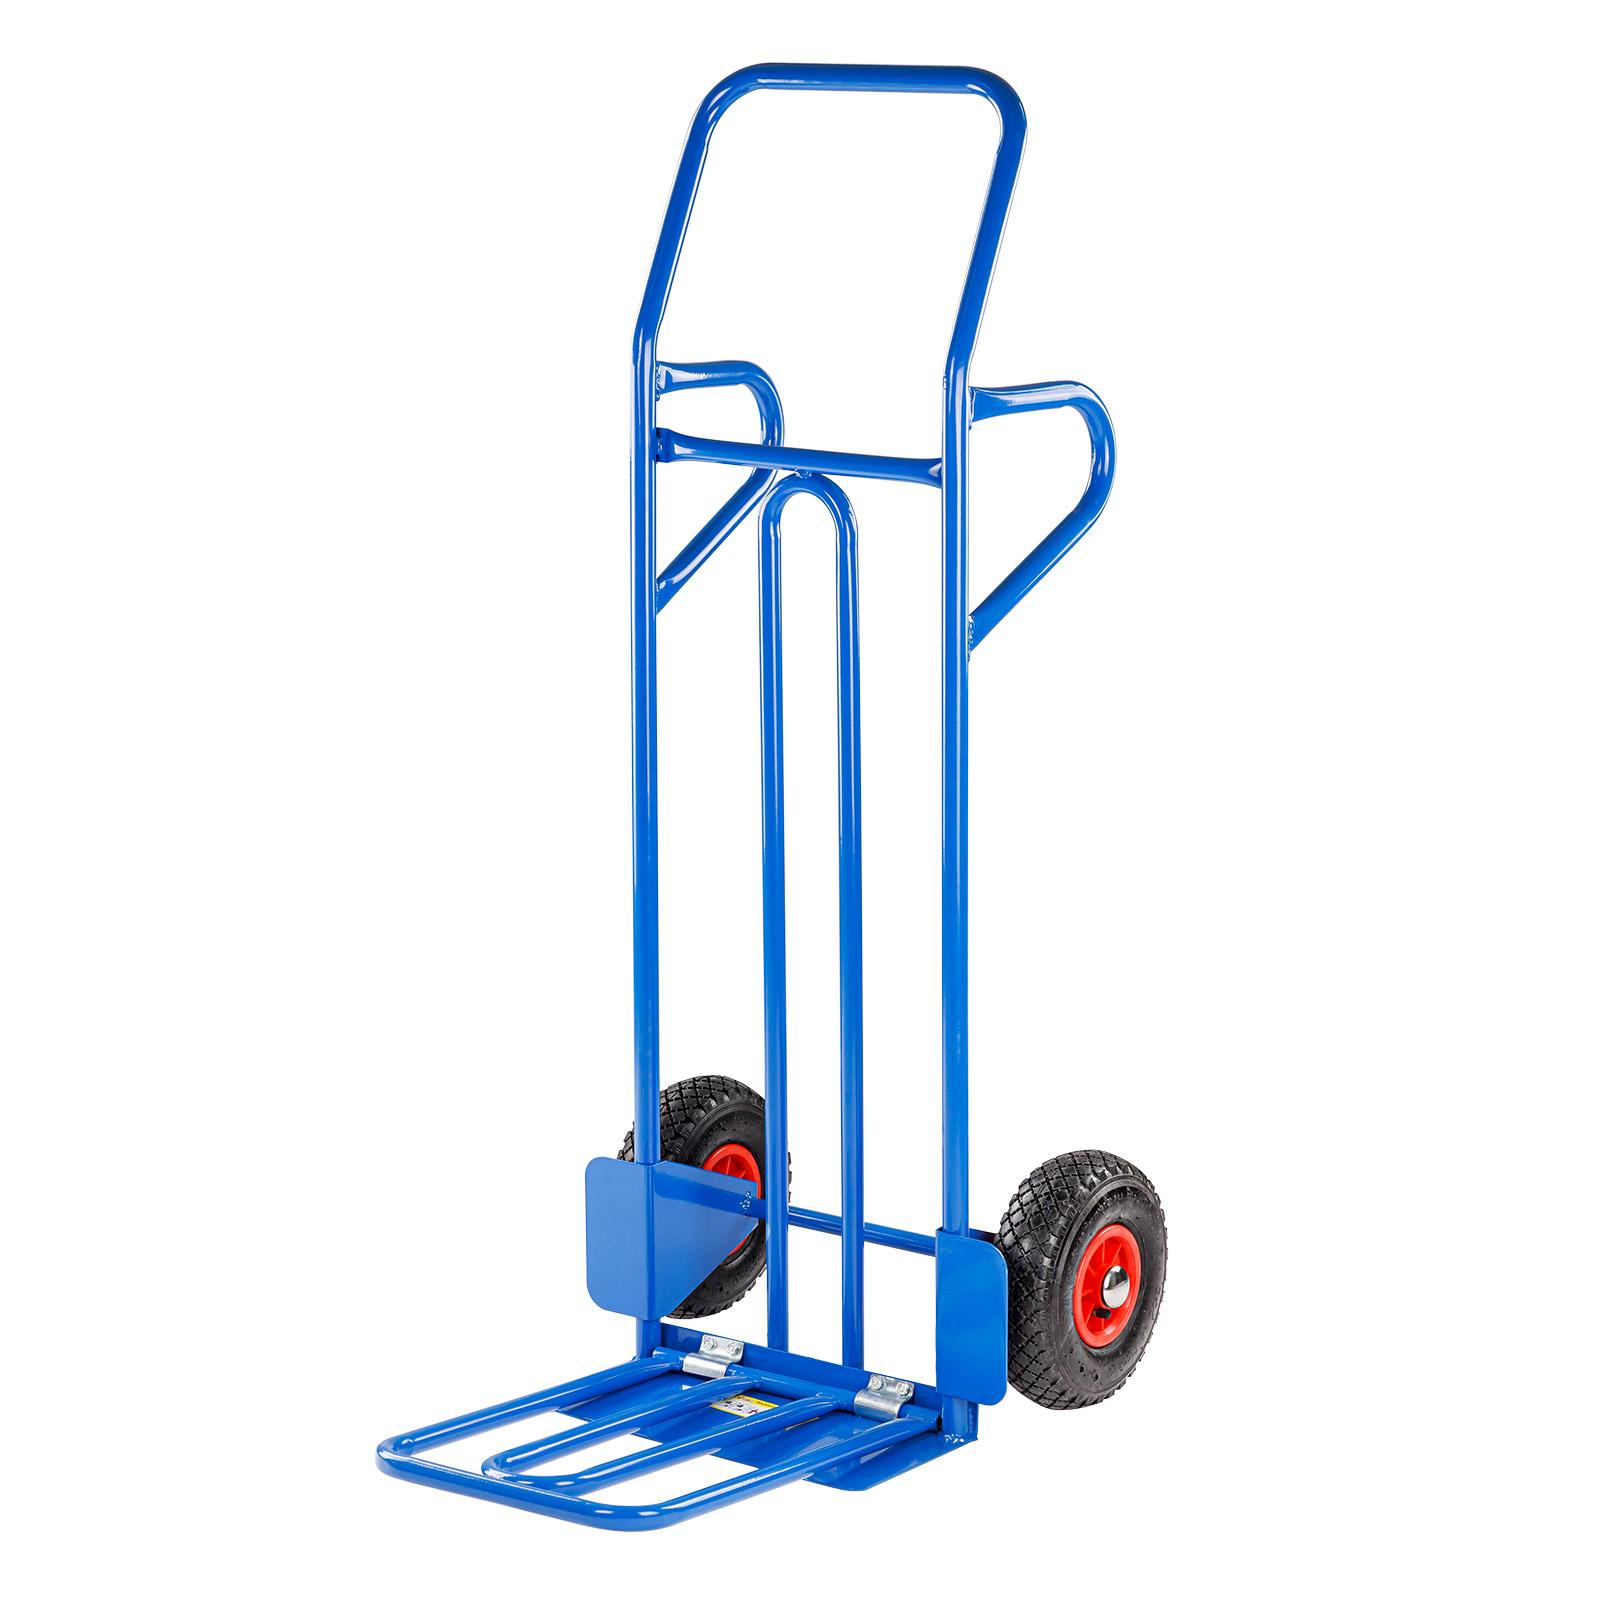 Dema PROFI Sackkarre Transportkarre Stapelkarre Karre bis 150 kg Luftbereifung 20021